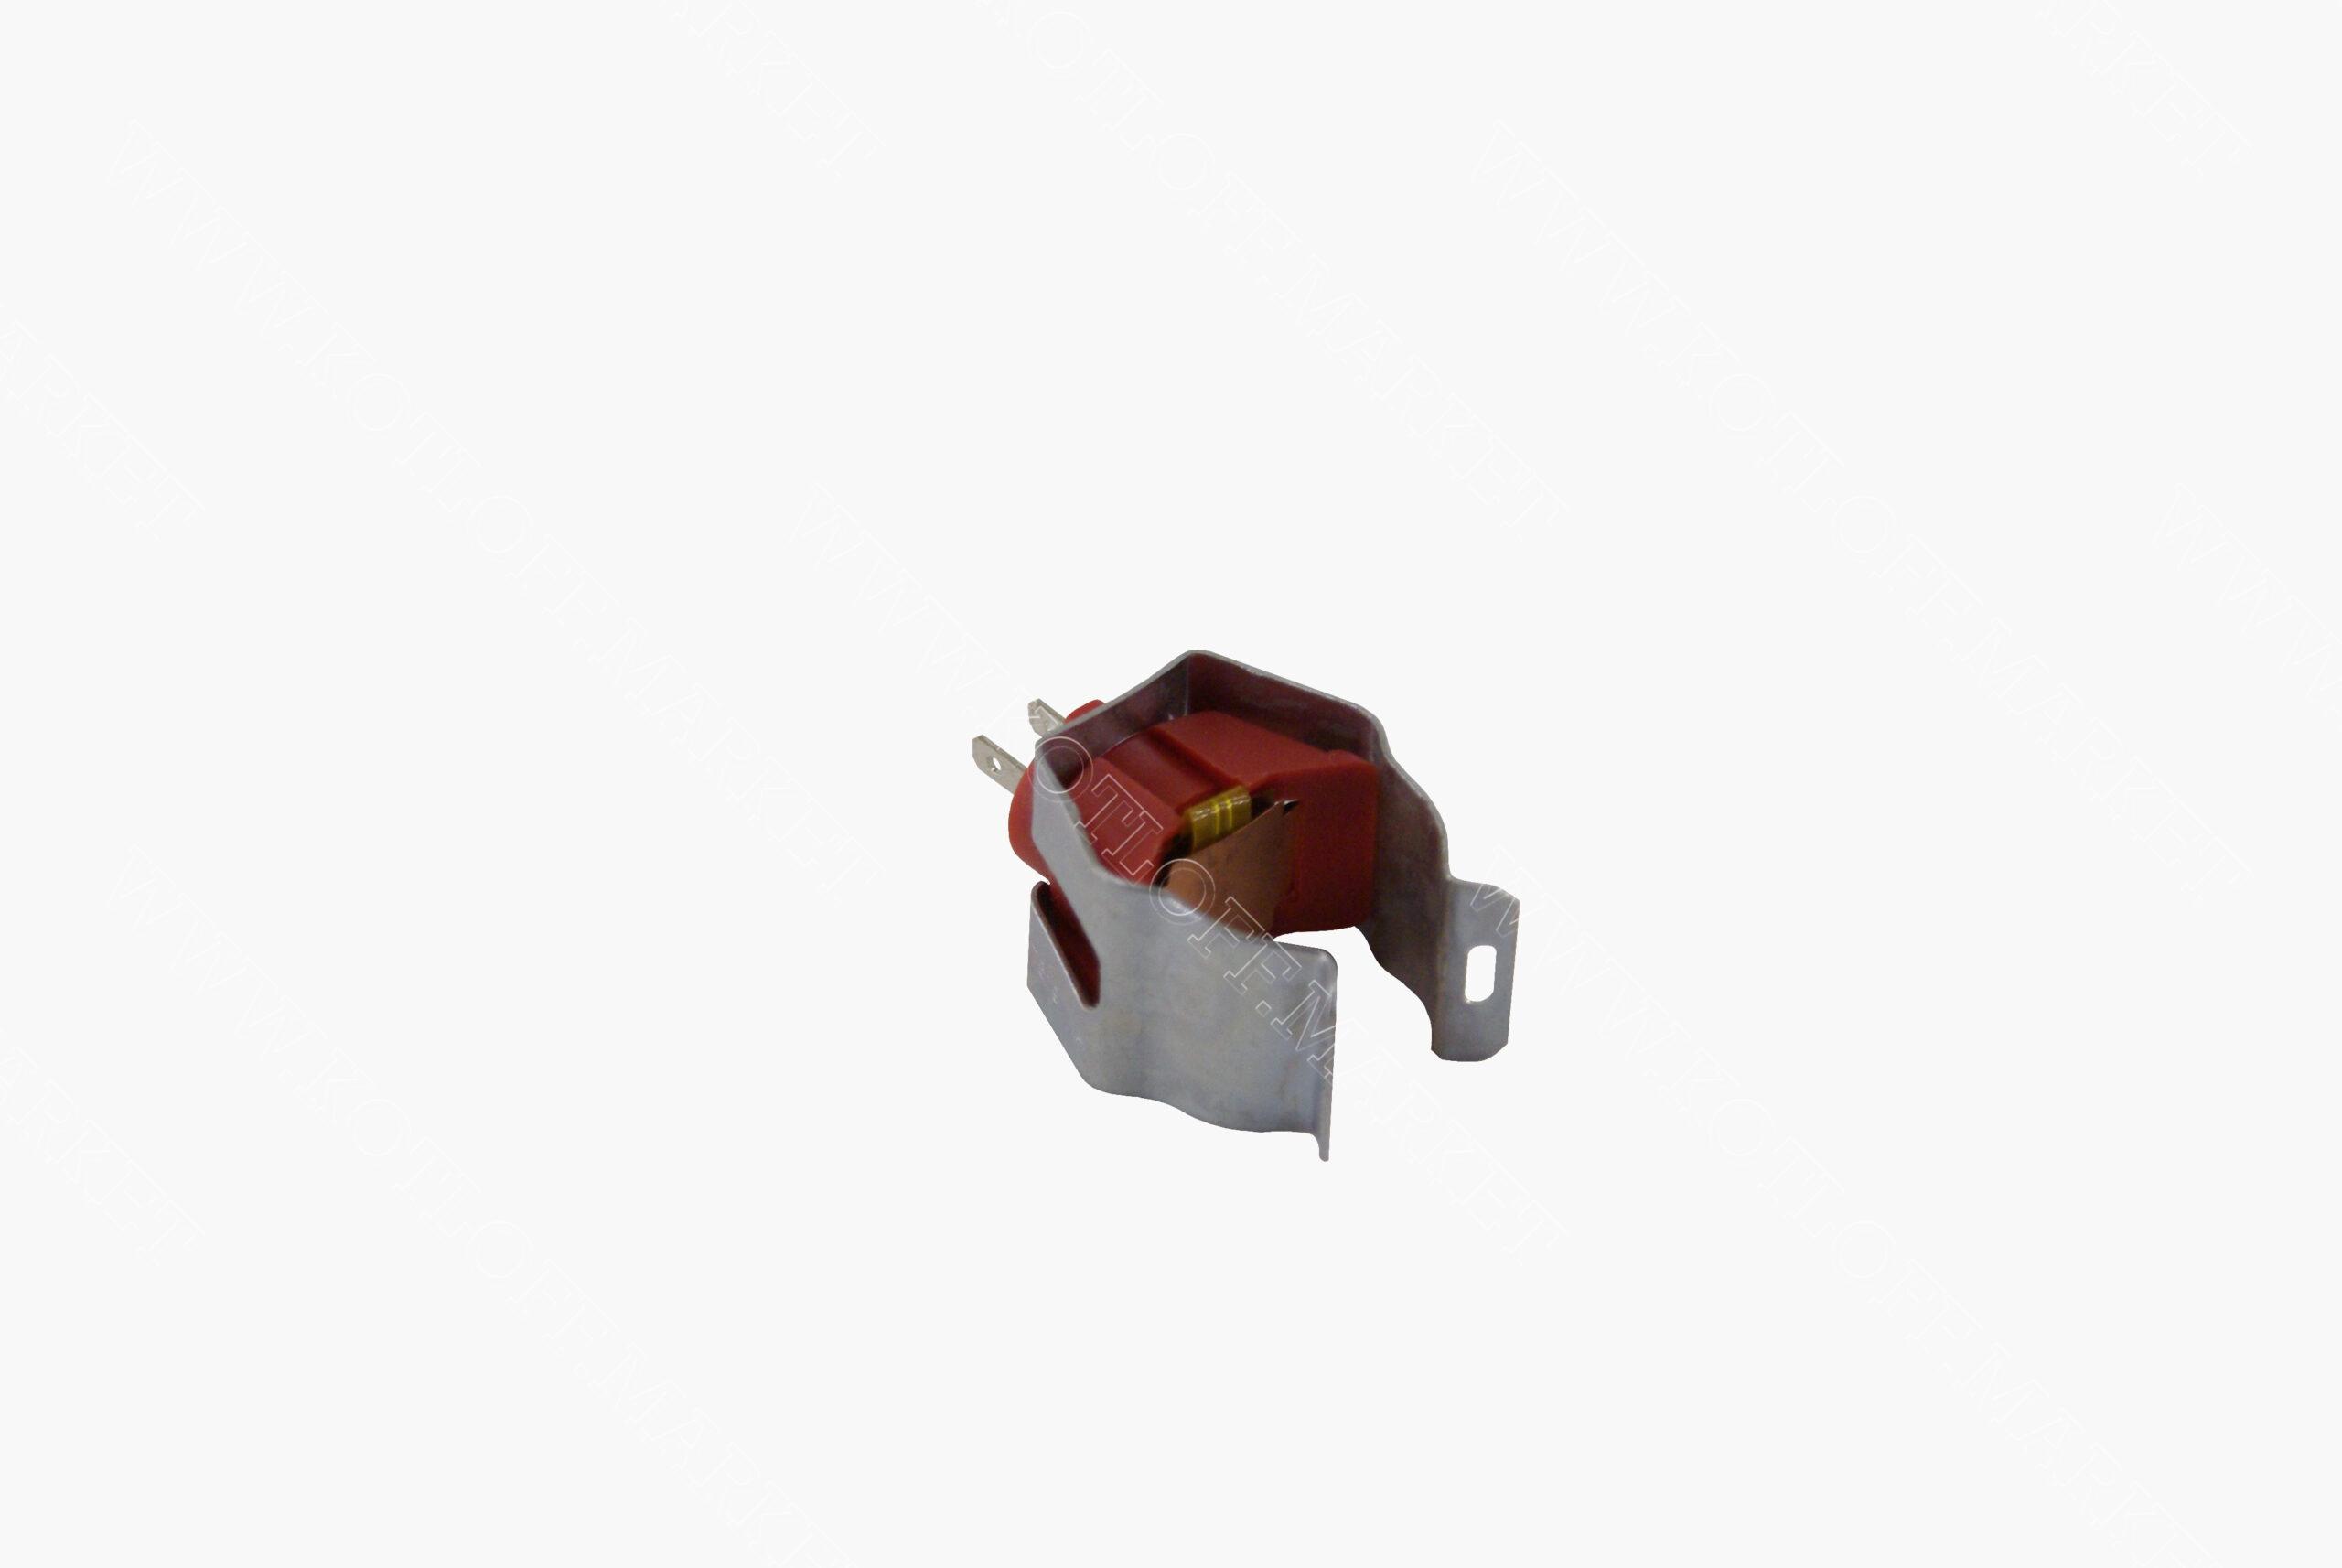 Датчик температуры ntc накладной красный (диаметр крепежной скобы 18мм)